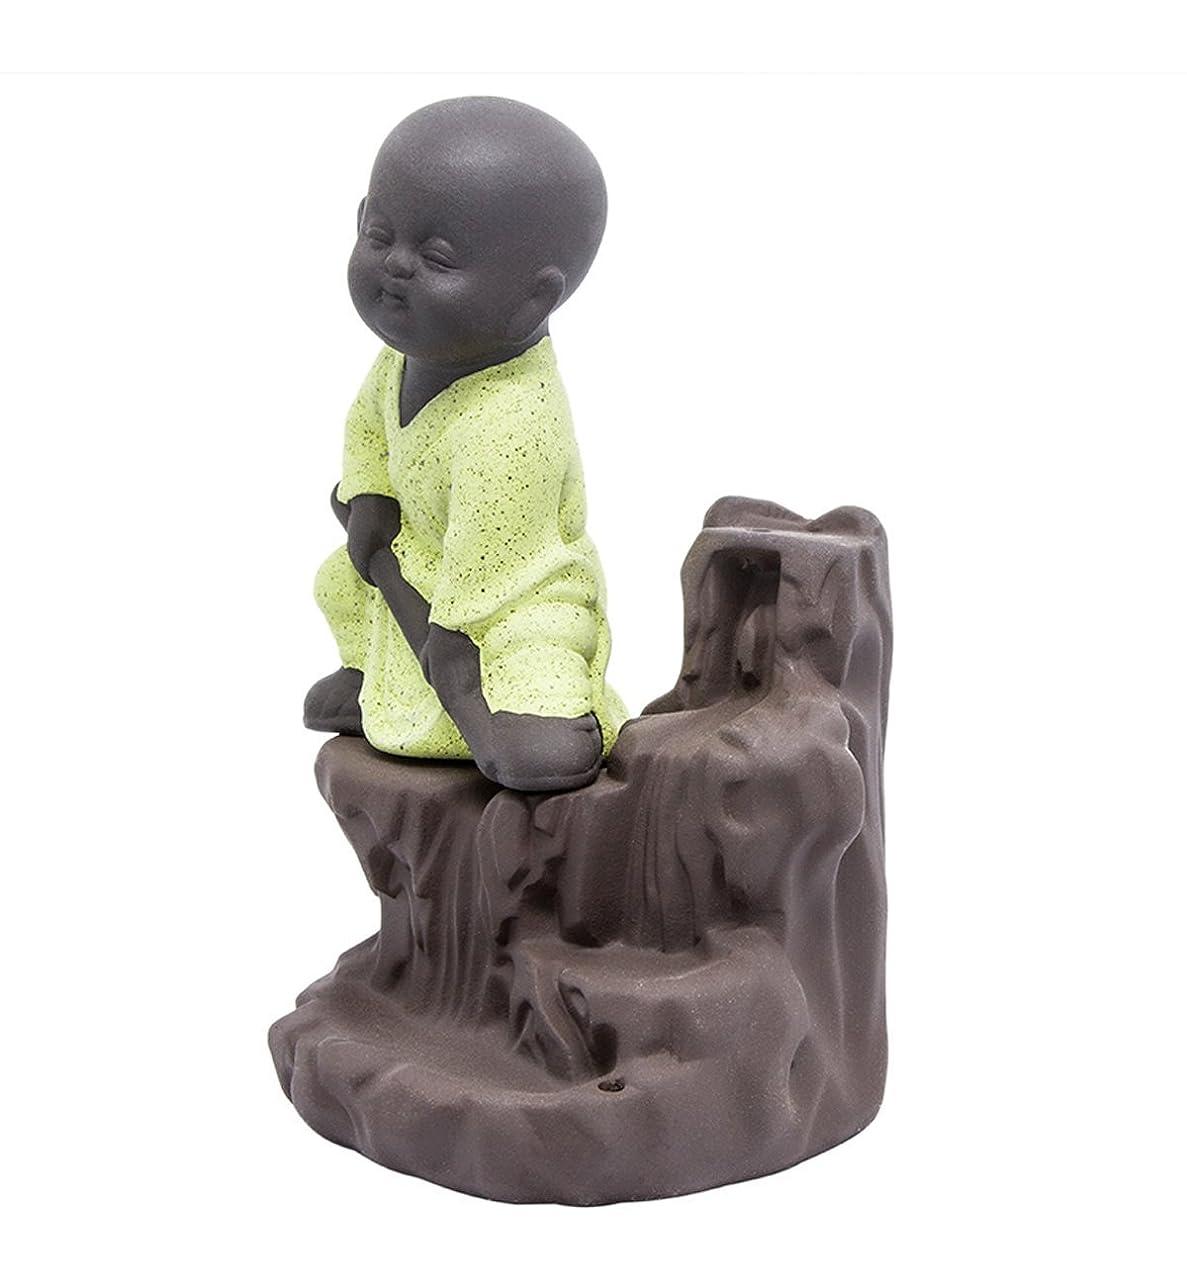 待って複合別れる逆流香炉タワーCones Sticks Little Monkホルダーセラミック磁器Buddha Monk Ashキャッチャーby Simon & # xff08?;イエロー& # xff09?;